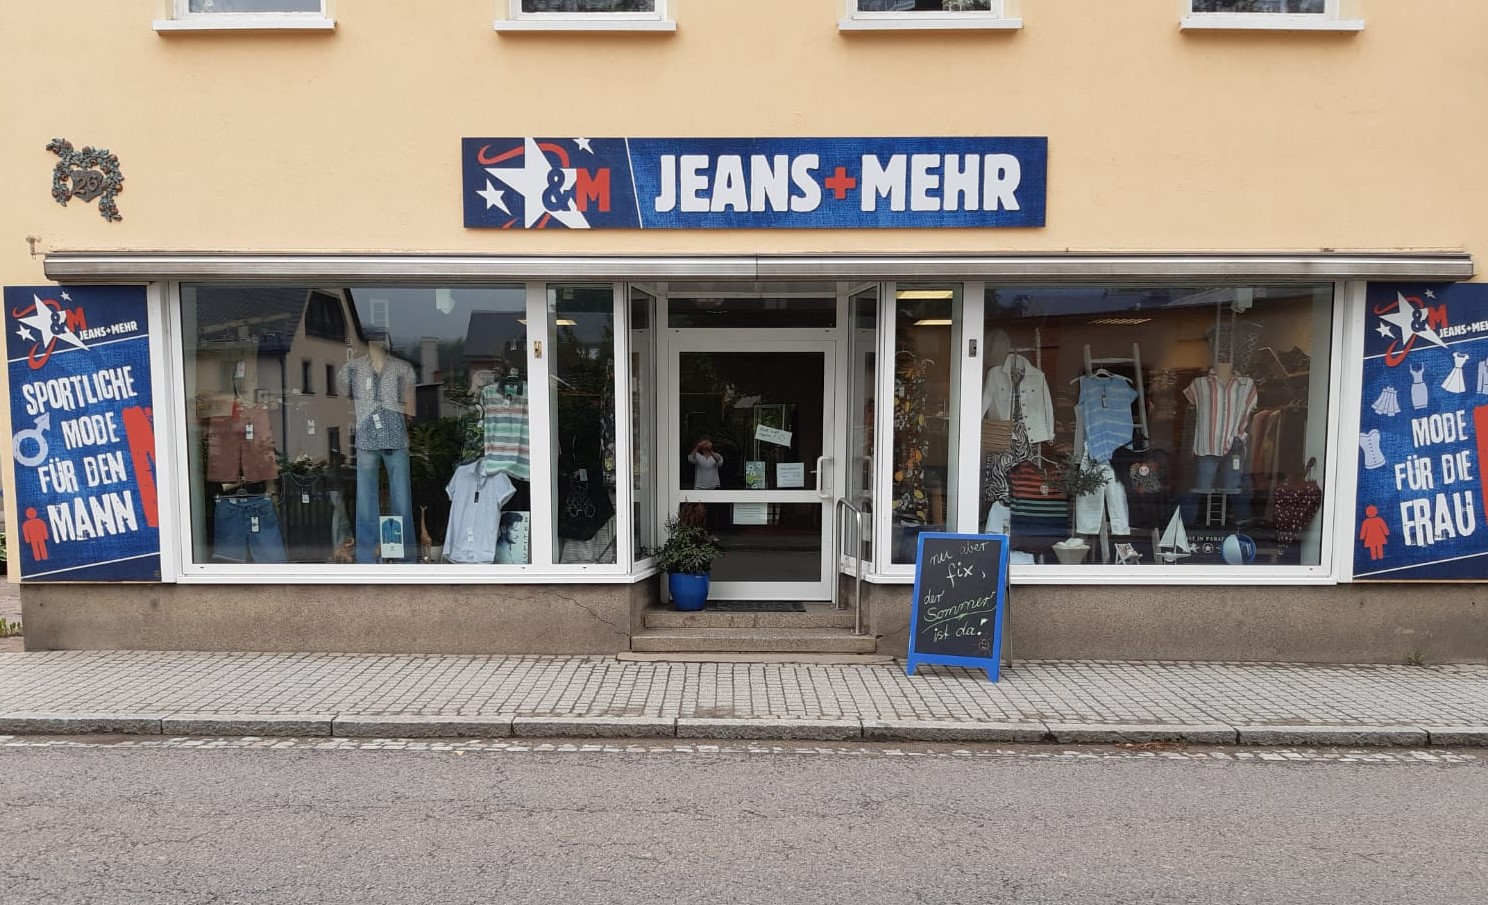 Jeans & mehr